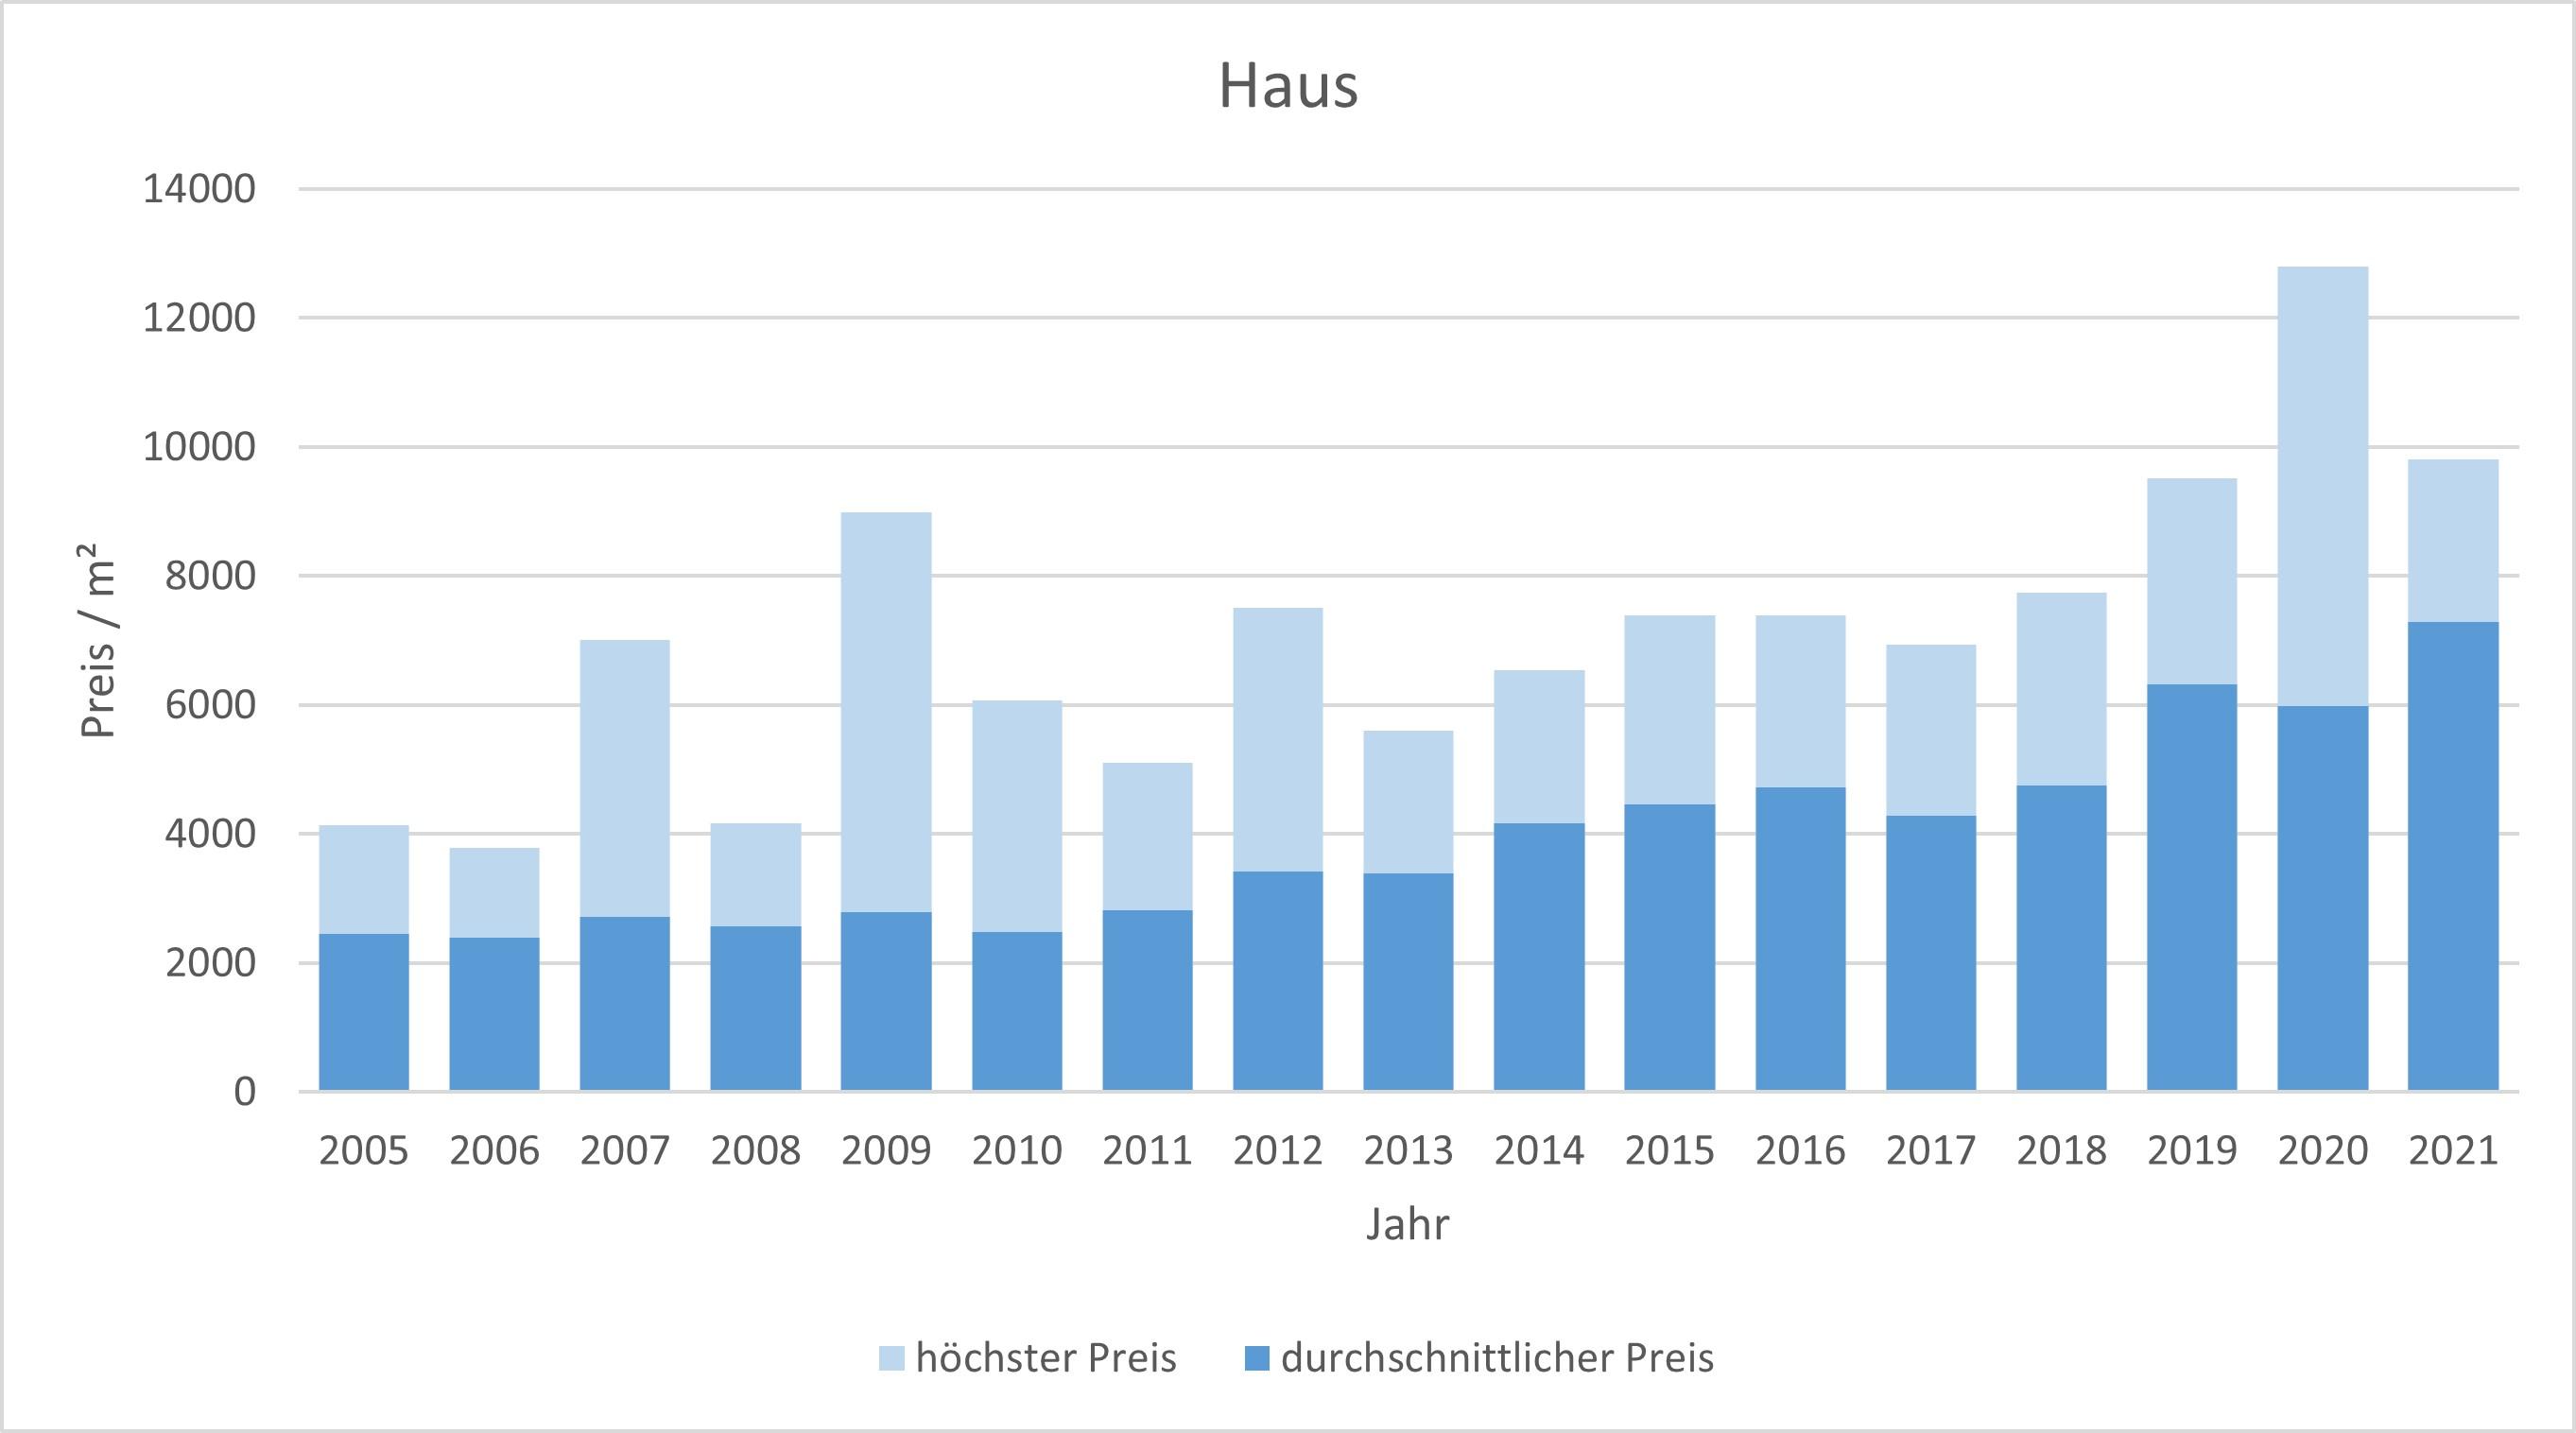 Haimhausen Haus kaufen verkaufen Preis Bewertung Makler www.happy-immo.de 2019 2020 2021